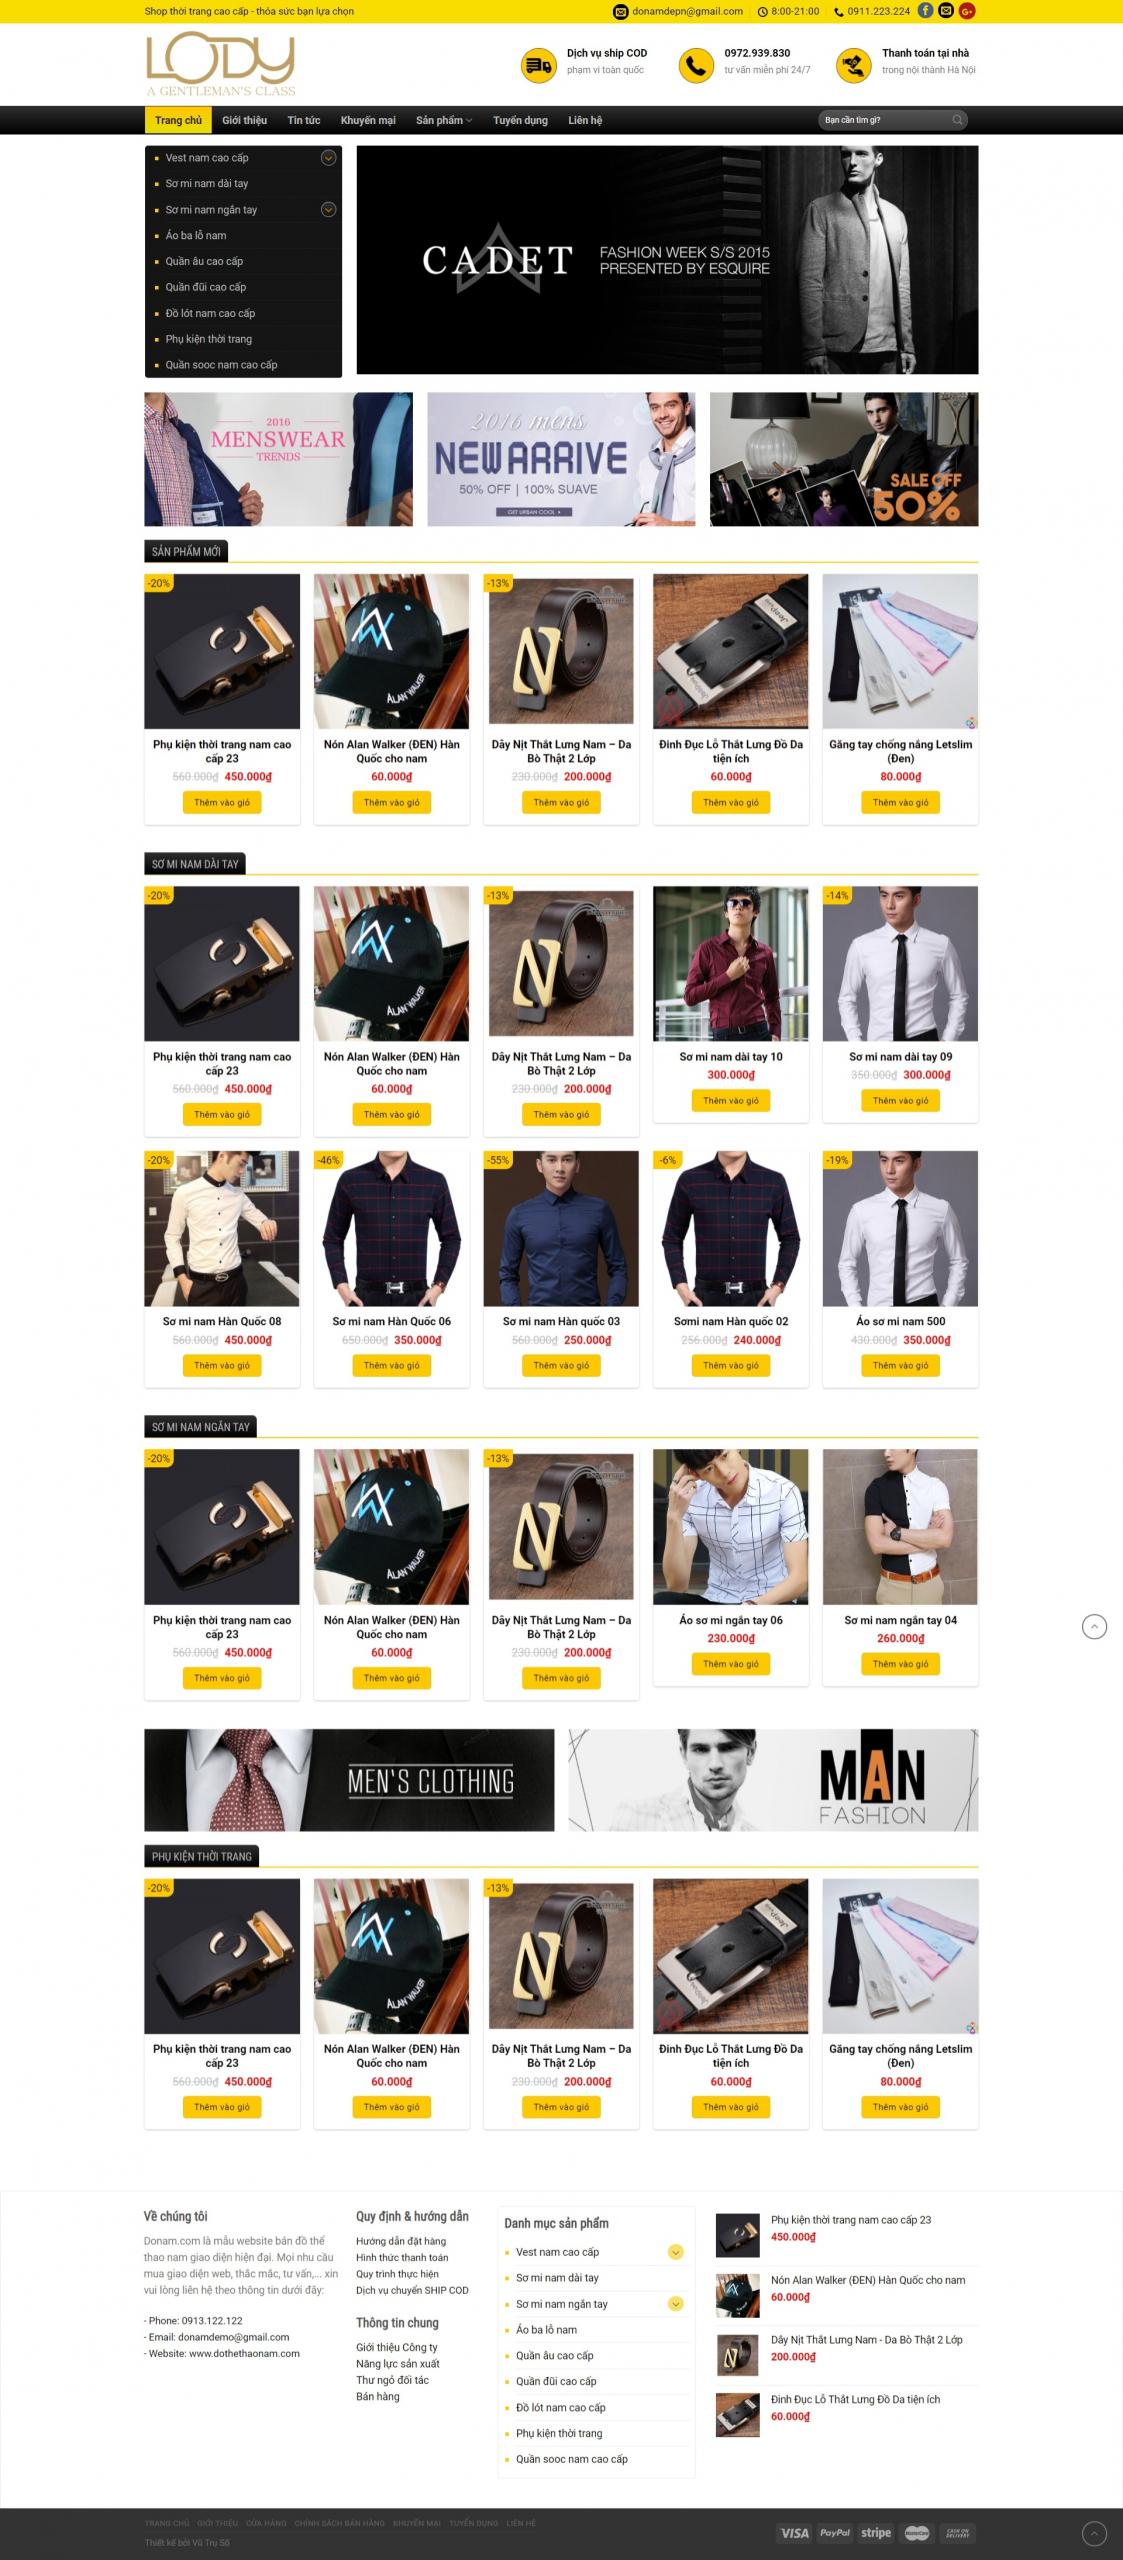 Mẫu website bán đồ thời trang Nam – Nữ – Lody